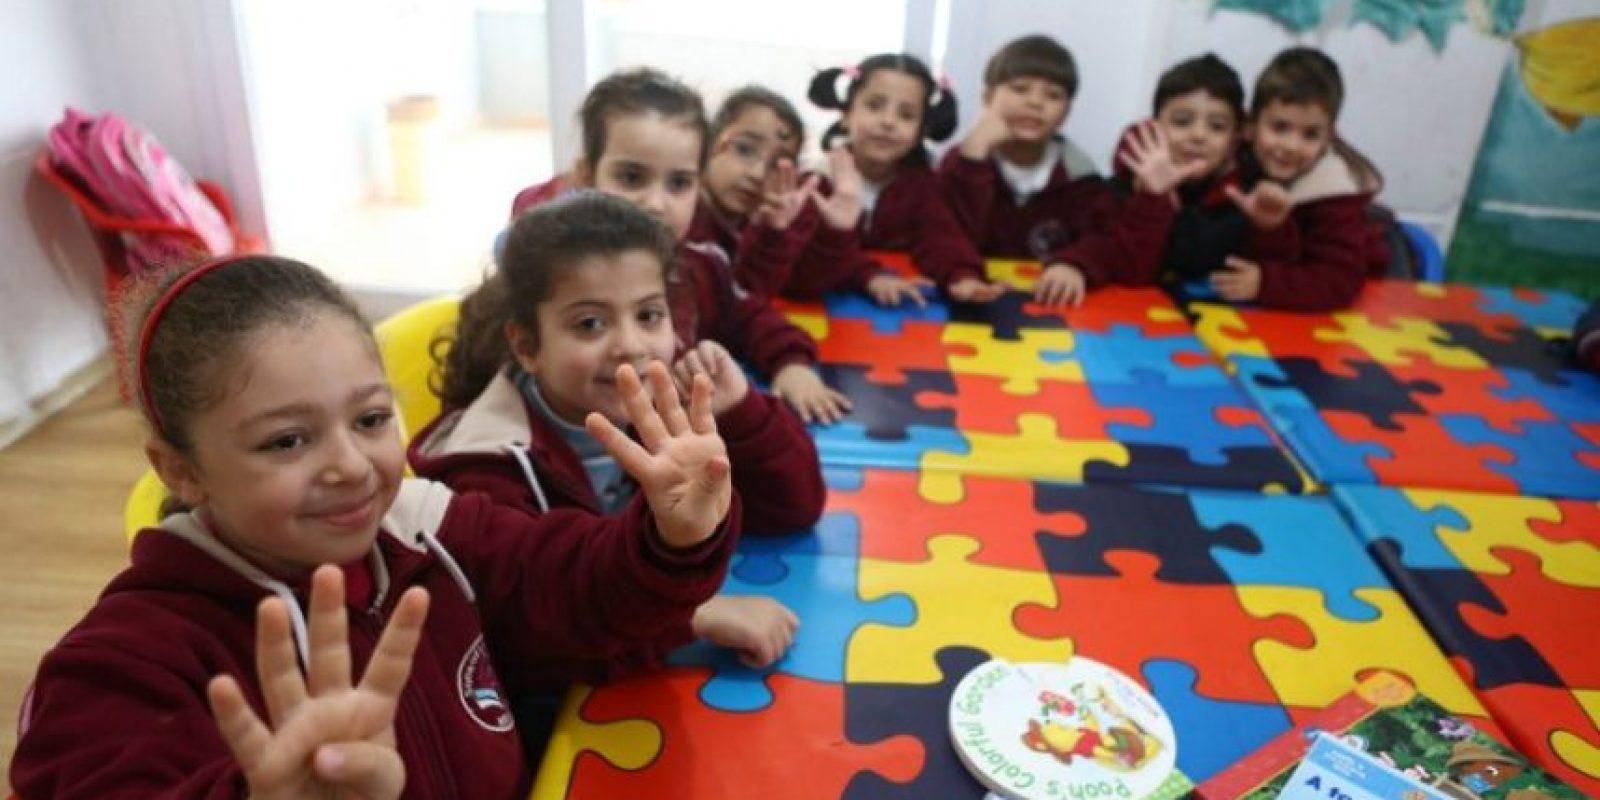 Disfrutan de enseñar a los niños, aseguran que trabajar con ellos los mantiene jóvenes y durante todo el día tienen una variedad de creatividad en el trabajo. Foto:AFP